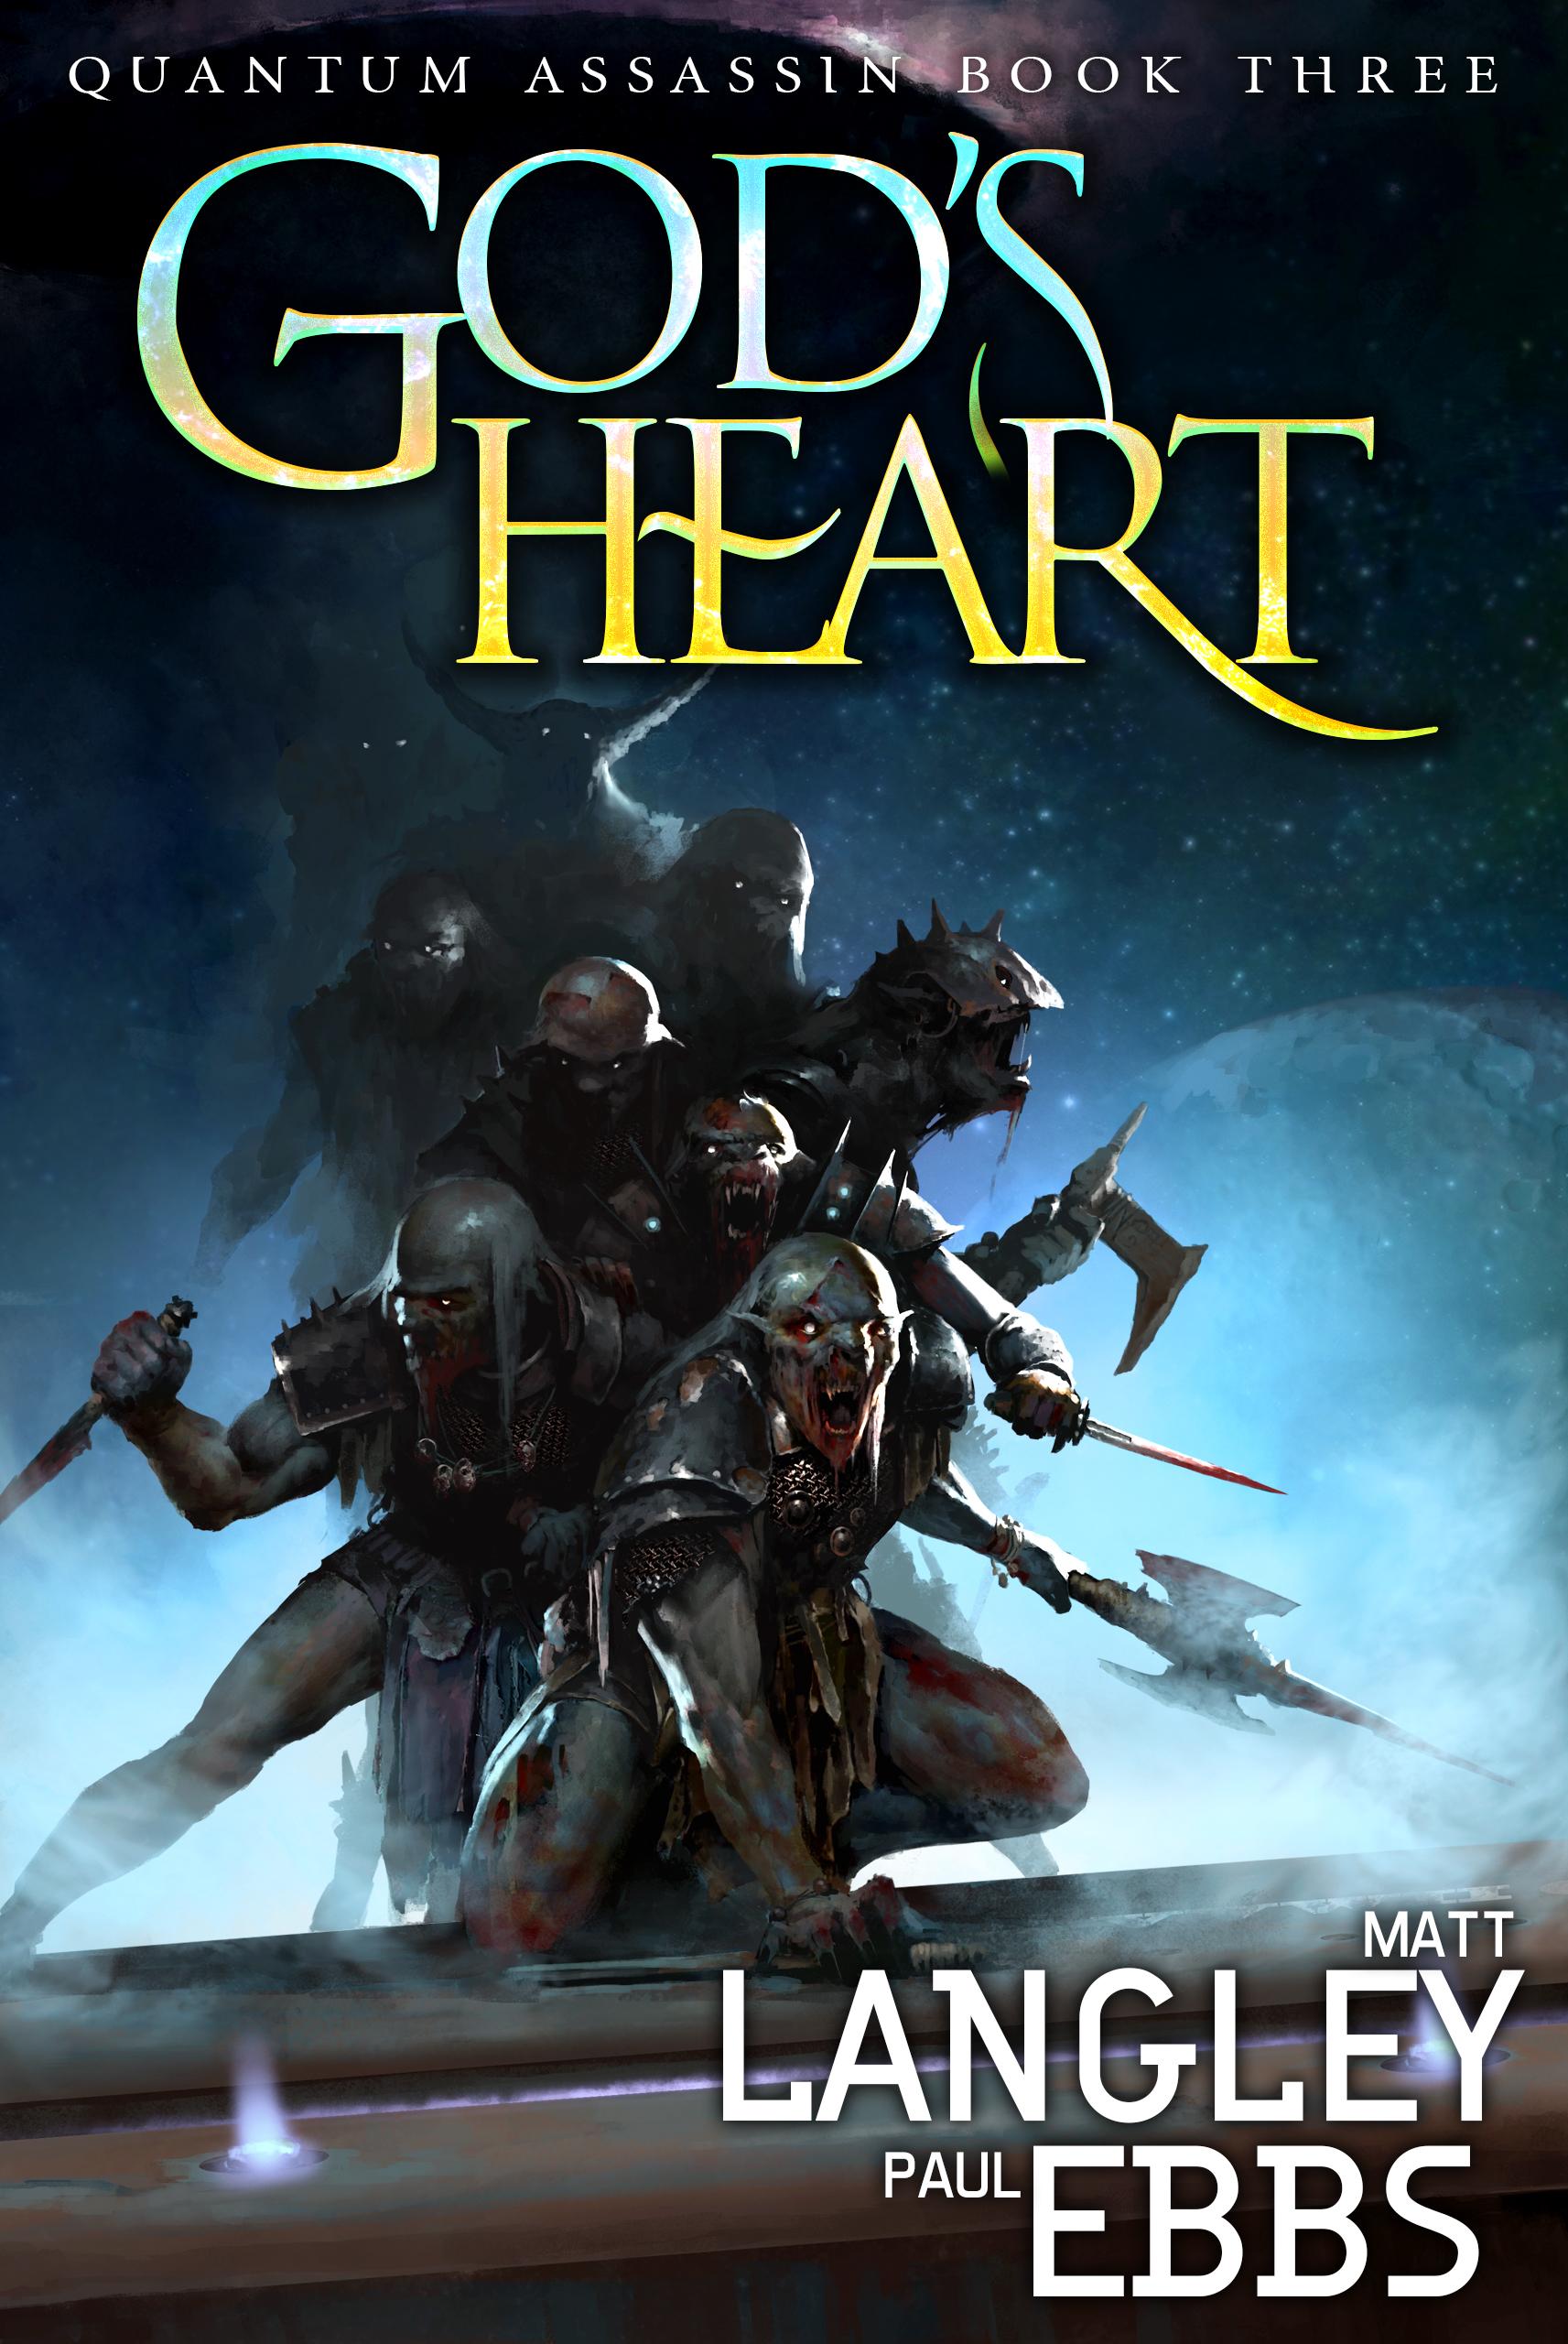 God's Heart   Quantum Assassin Book 3  Matt Langley, Paul Ebs